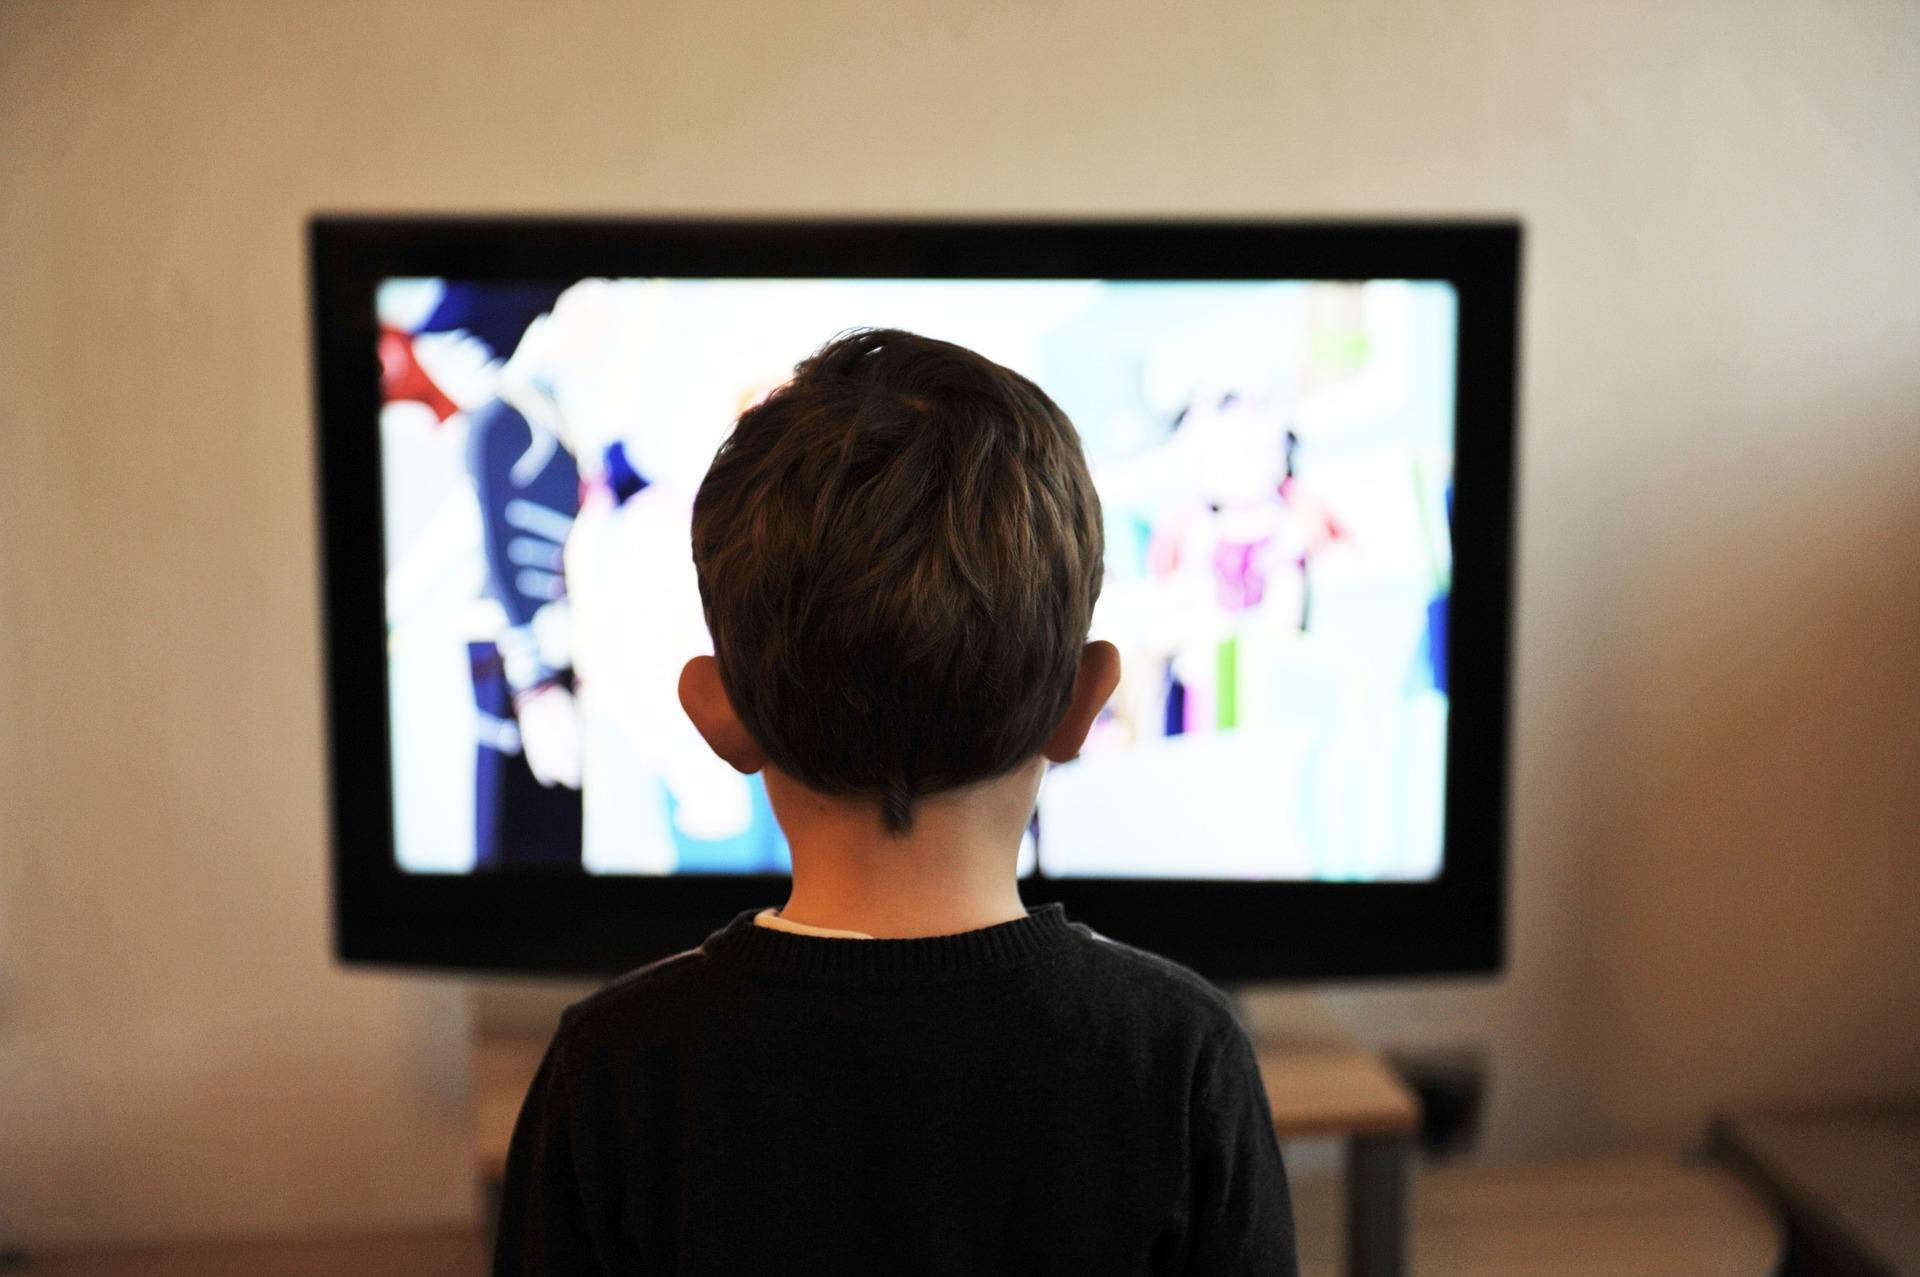 Exposición a pantallas en los niños